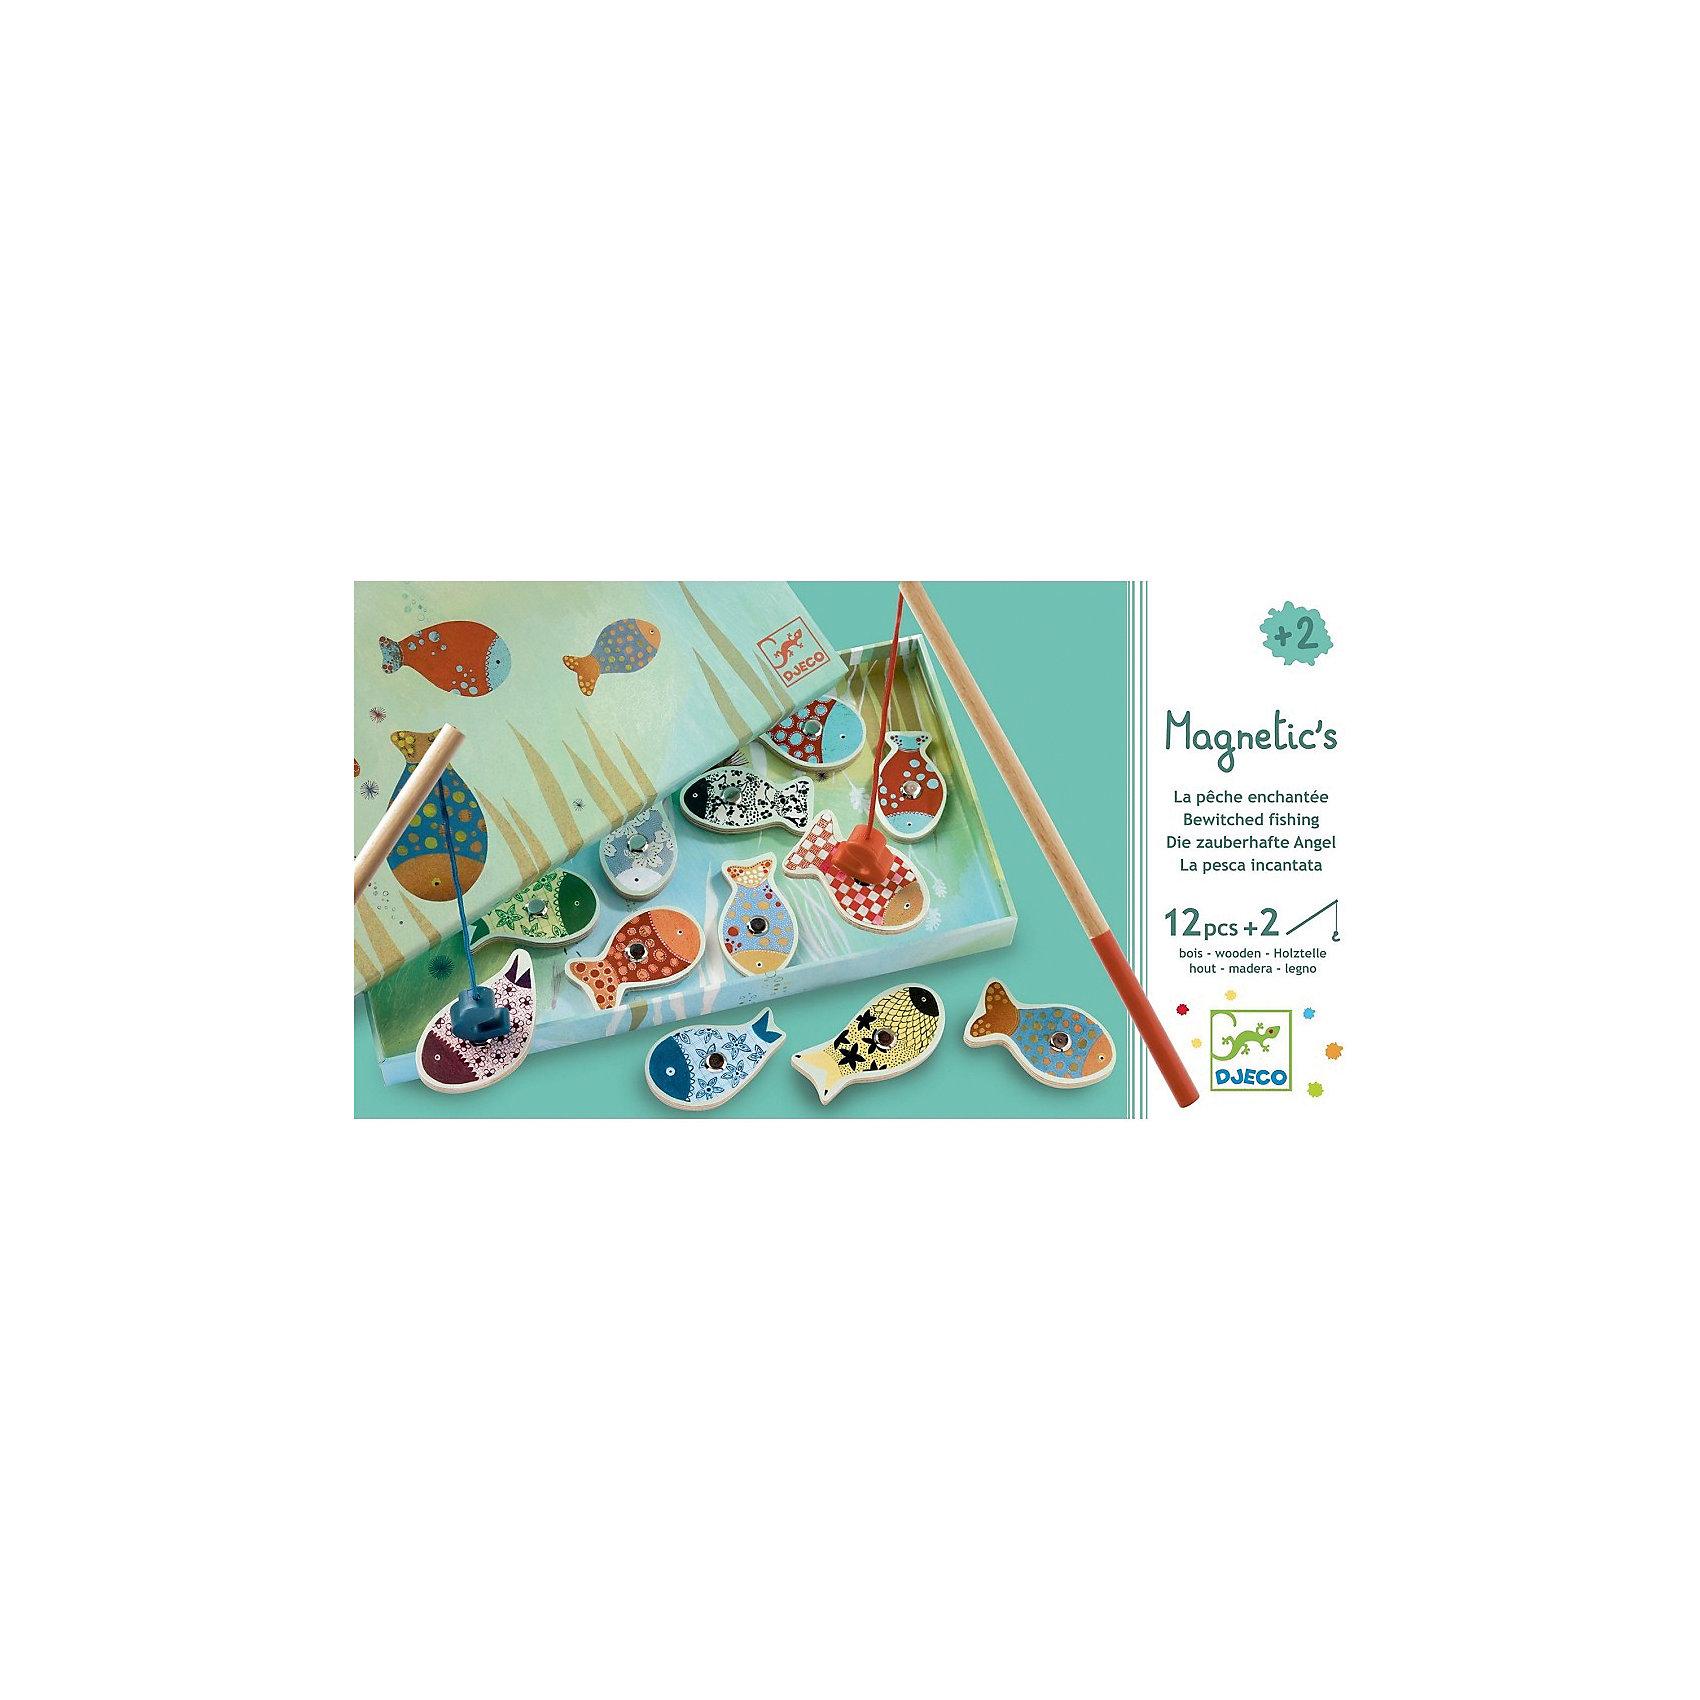 Магнитная игра рыбалка Мечты, DJECOРазвивающие игры<br>Магнитная игра рыбалка Мечты, DJECO (ДЖЕКО).<br><br>Характеристики:<br><br>- Игра предназначена для детей от 2-х лет<br>- В комплект игры входят: морские обитатели с магнитом - 12 штук, удочки - 2 штуки<br>- Материал: древесина, картон<br>- Игра продается в красочной стильной коробке и идеально подходит в качестве подарка<br>- Размер упаковки: 28 х 15 х 2,5 см.<br><br>Магнитная игра рыбалка Мечты от Djeco (Джеко) - игра для юных рыболовов, желающих поймать на удочку красивую рыбку с симпатичным узором. Рыбалка Djeco - это интереснейшая развивающая игра, в которой малышу придется ловить красочных рыбок игрушечной удочкой с большим магнитным безопасным крючком. Магнитная игра рыбалка Мечты Djeco поможет не только развить ловкость и моторику малыша, но и даст полезный навык, который, возможно, будет основой будущего хобби. Все детали игры очень высококачественны и безопасны для ребенка, что подтверждается сертификатами.<br><br>Магнитную игру рыбалку Мечты, DJECO (ДЖЕКО) можно купить в нашем интернет-магазине.<br><br>Ширина мм: 280<br>Глубина мм: 150<br>Высота мм: 250<br>Вес г: 350<br>Возраст от месяцев: 24<br>Возраст до месяцев: 2147483647<br>Пол: Унисекс<br>Возраст: Детский<br>SKU: 5299153